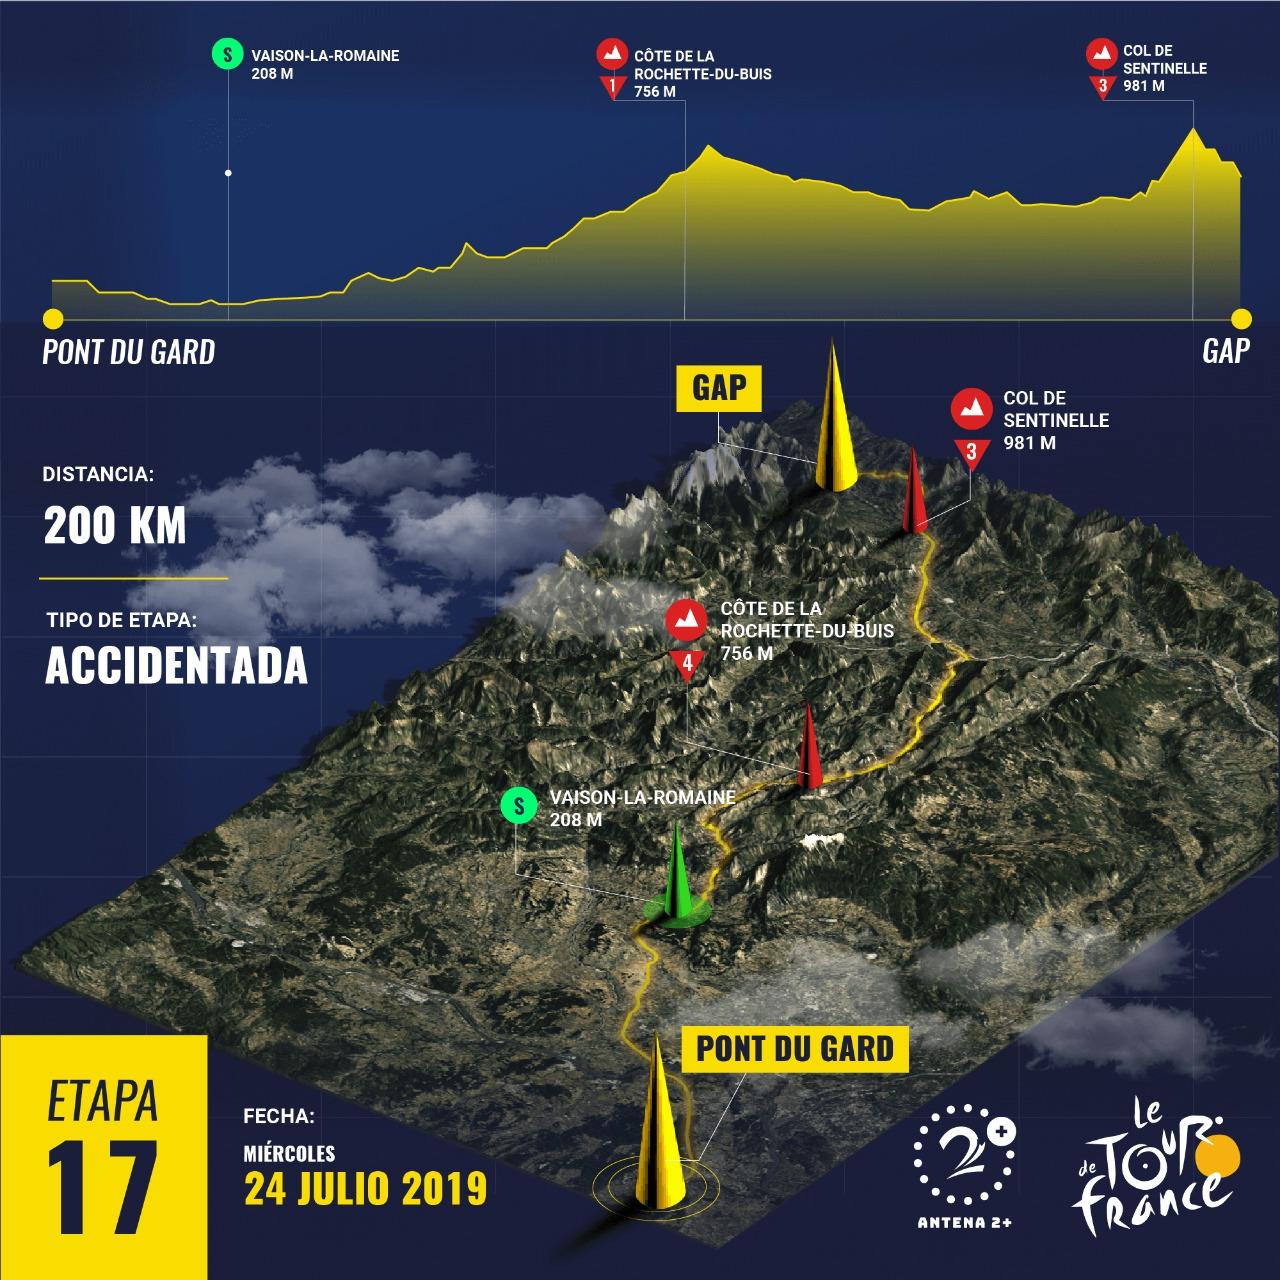 Etapa 17 - Tour de Francia